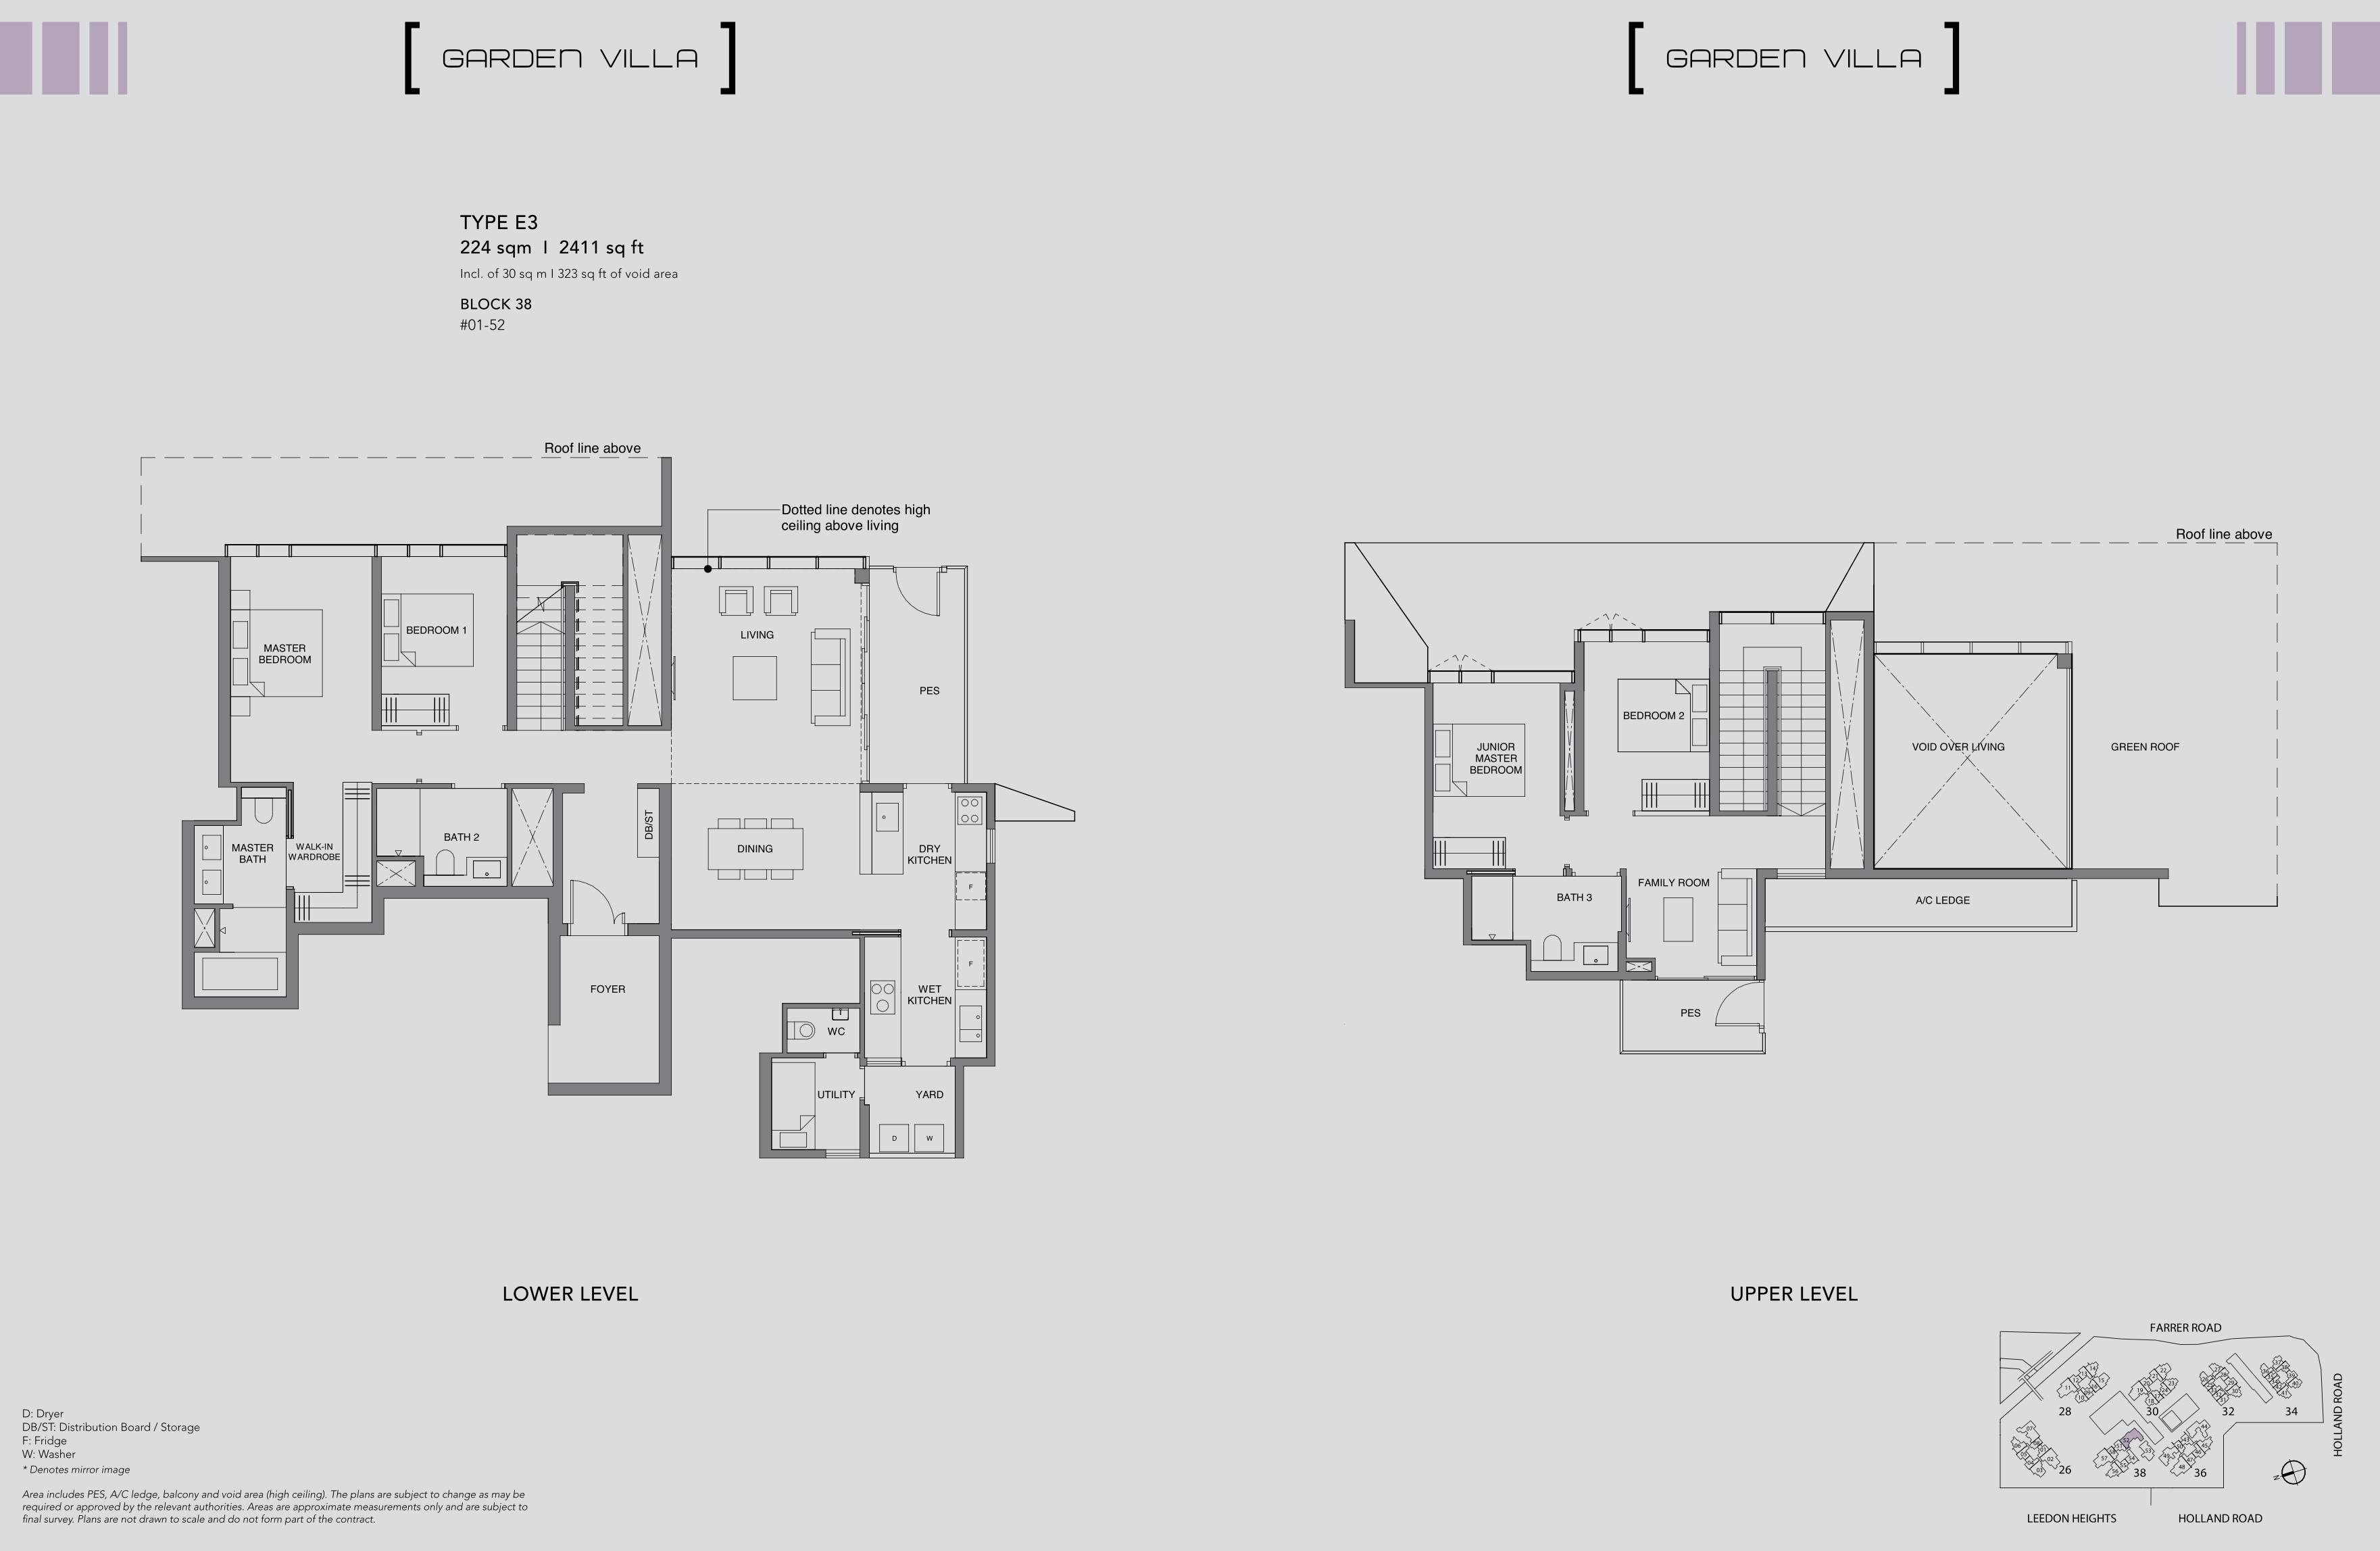 绿墩雅苑公寓户型图 Leedon Green floor plan Garden villa 4 Bedroom E3